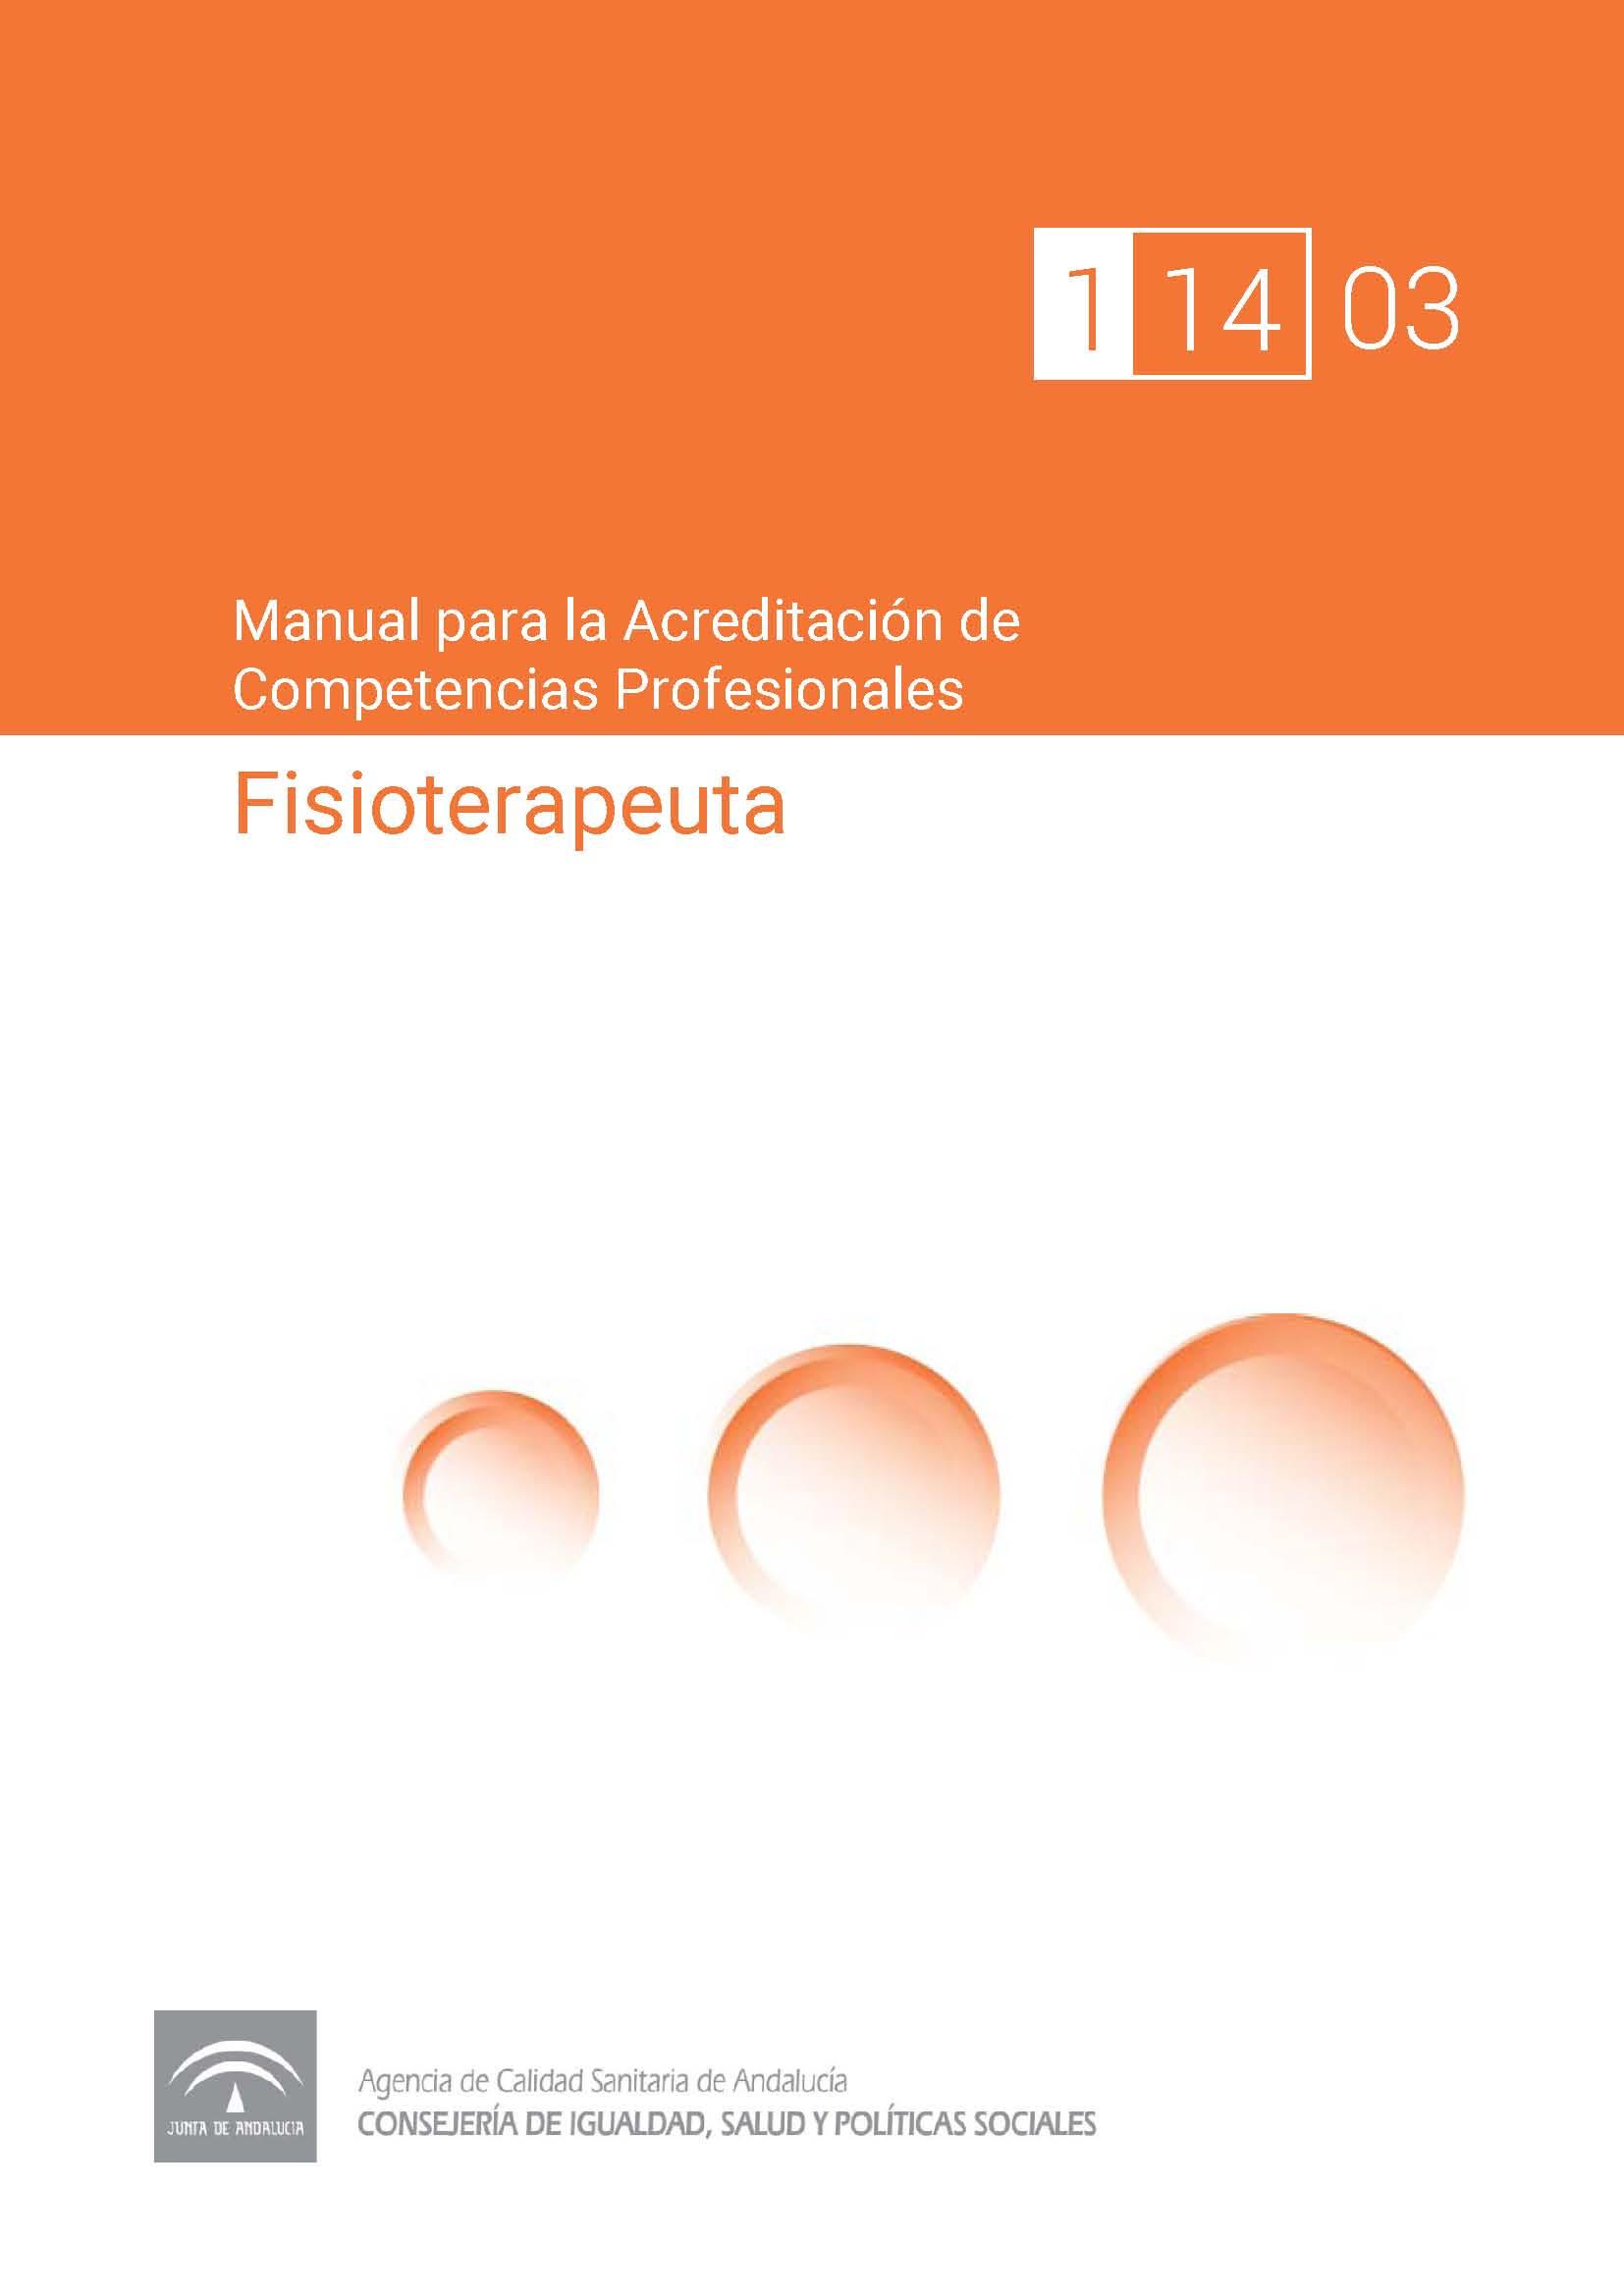 Manual de competencias profesionales del/de la Fisioterapeuta